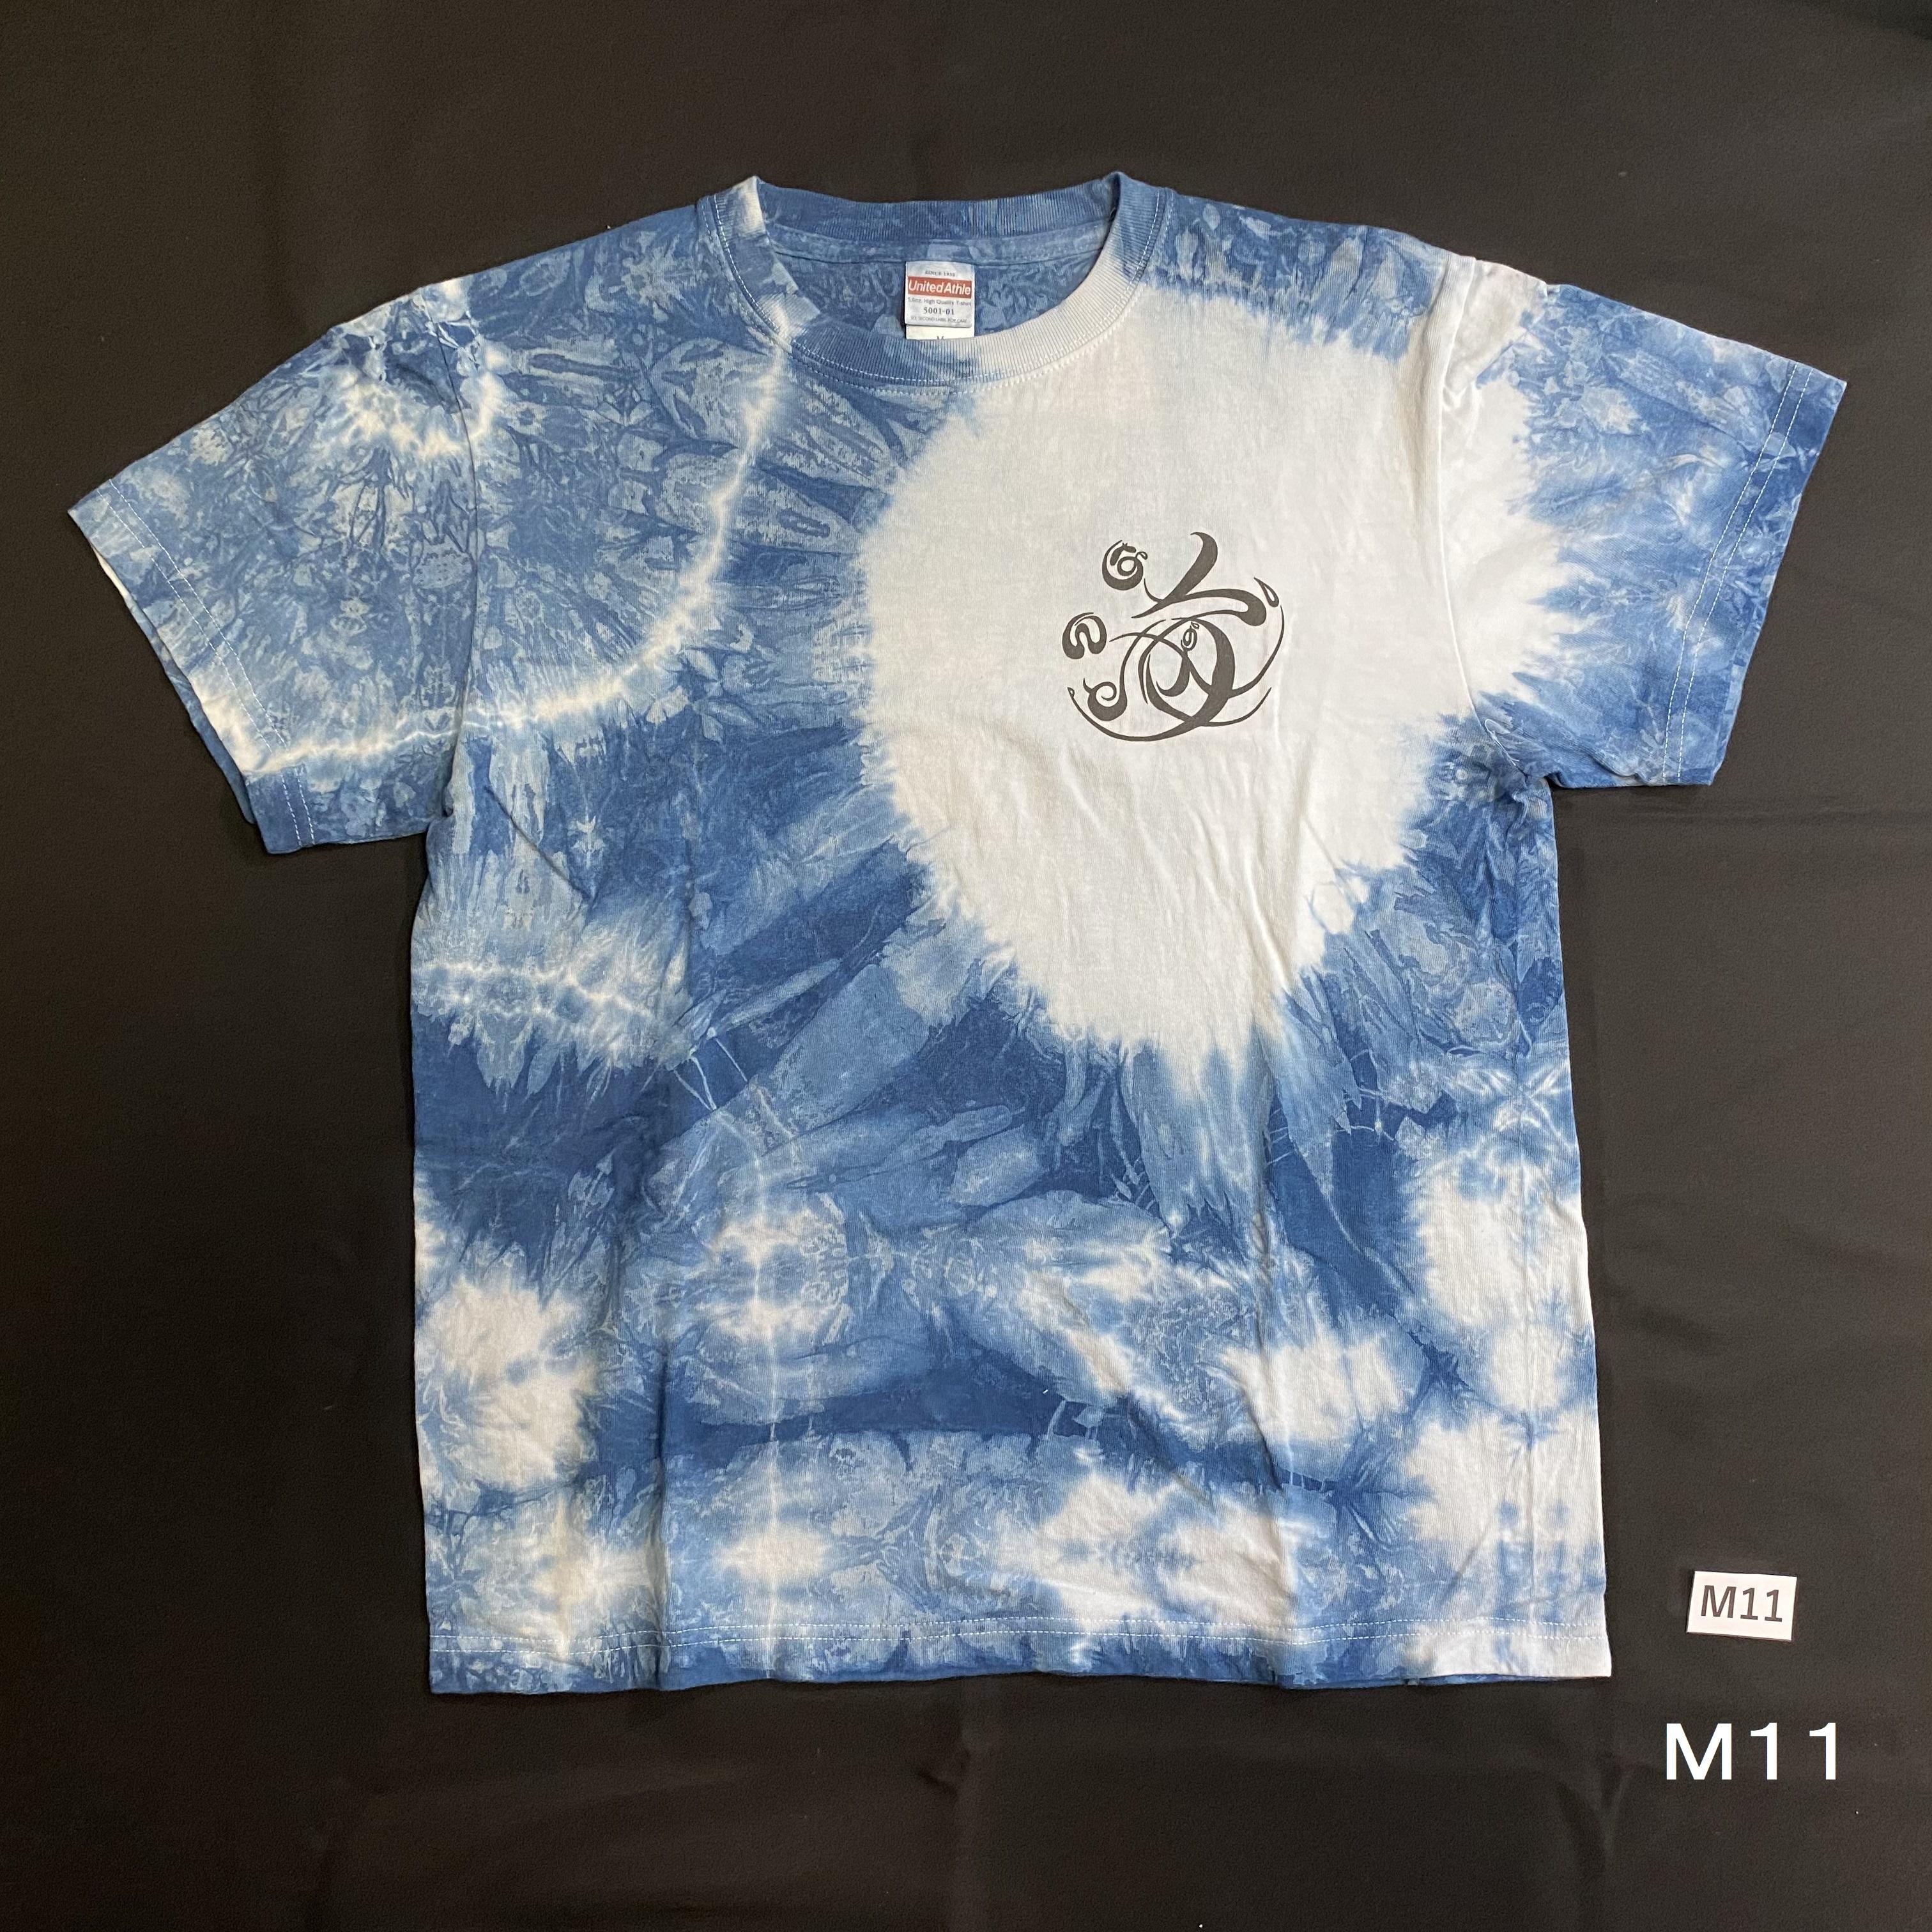 こころMoji×藍染Tシャツ(M11)